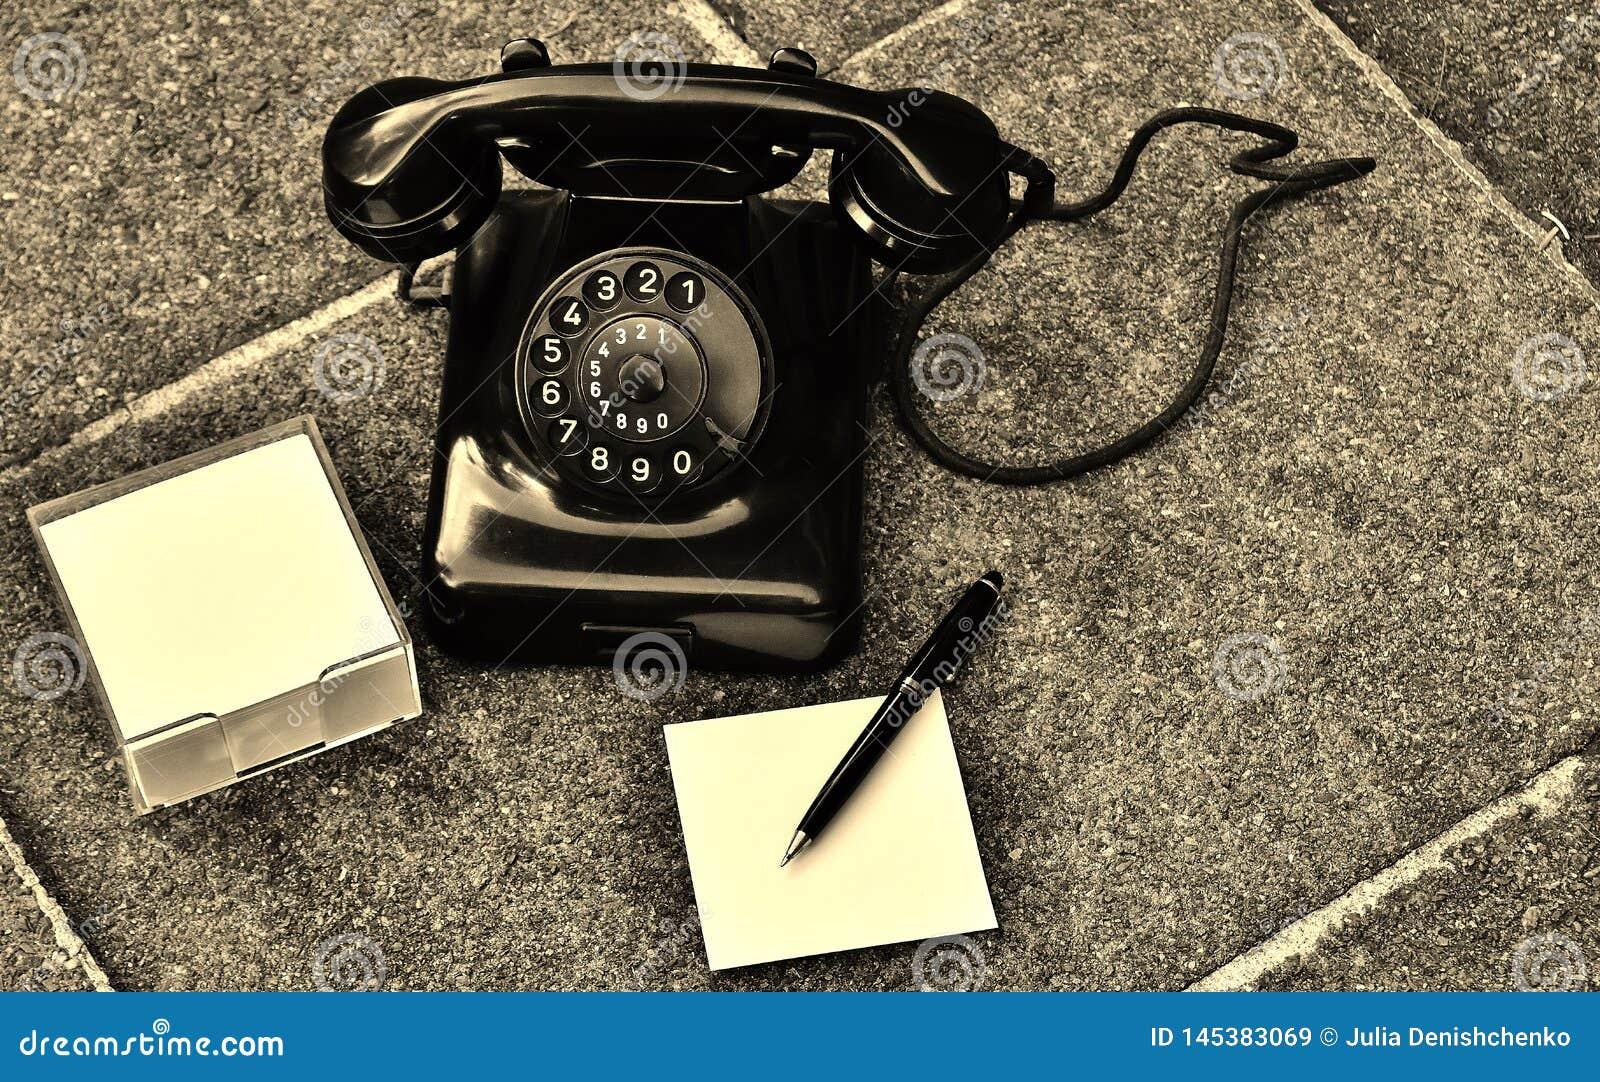 O telefone retro retorna-nos o espírito desse tempo